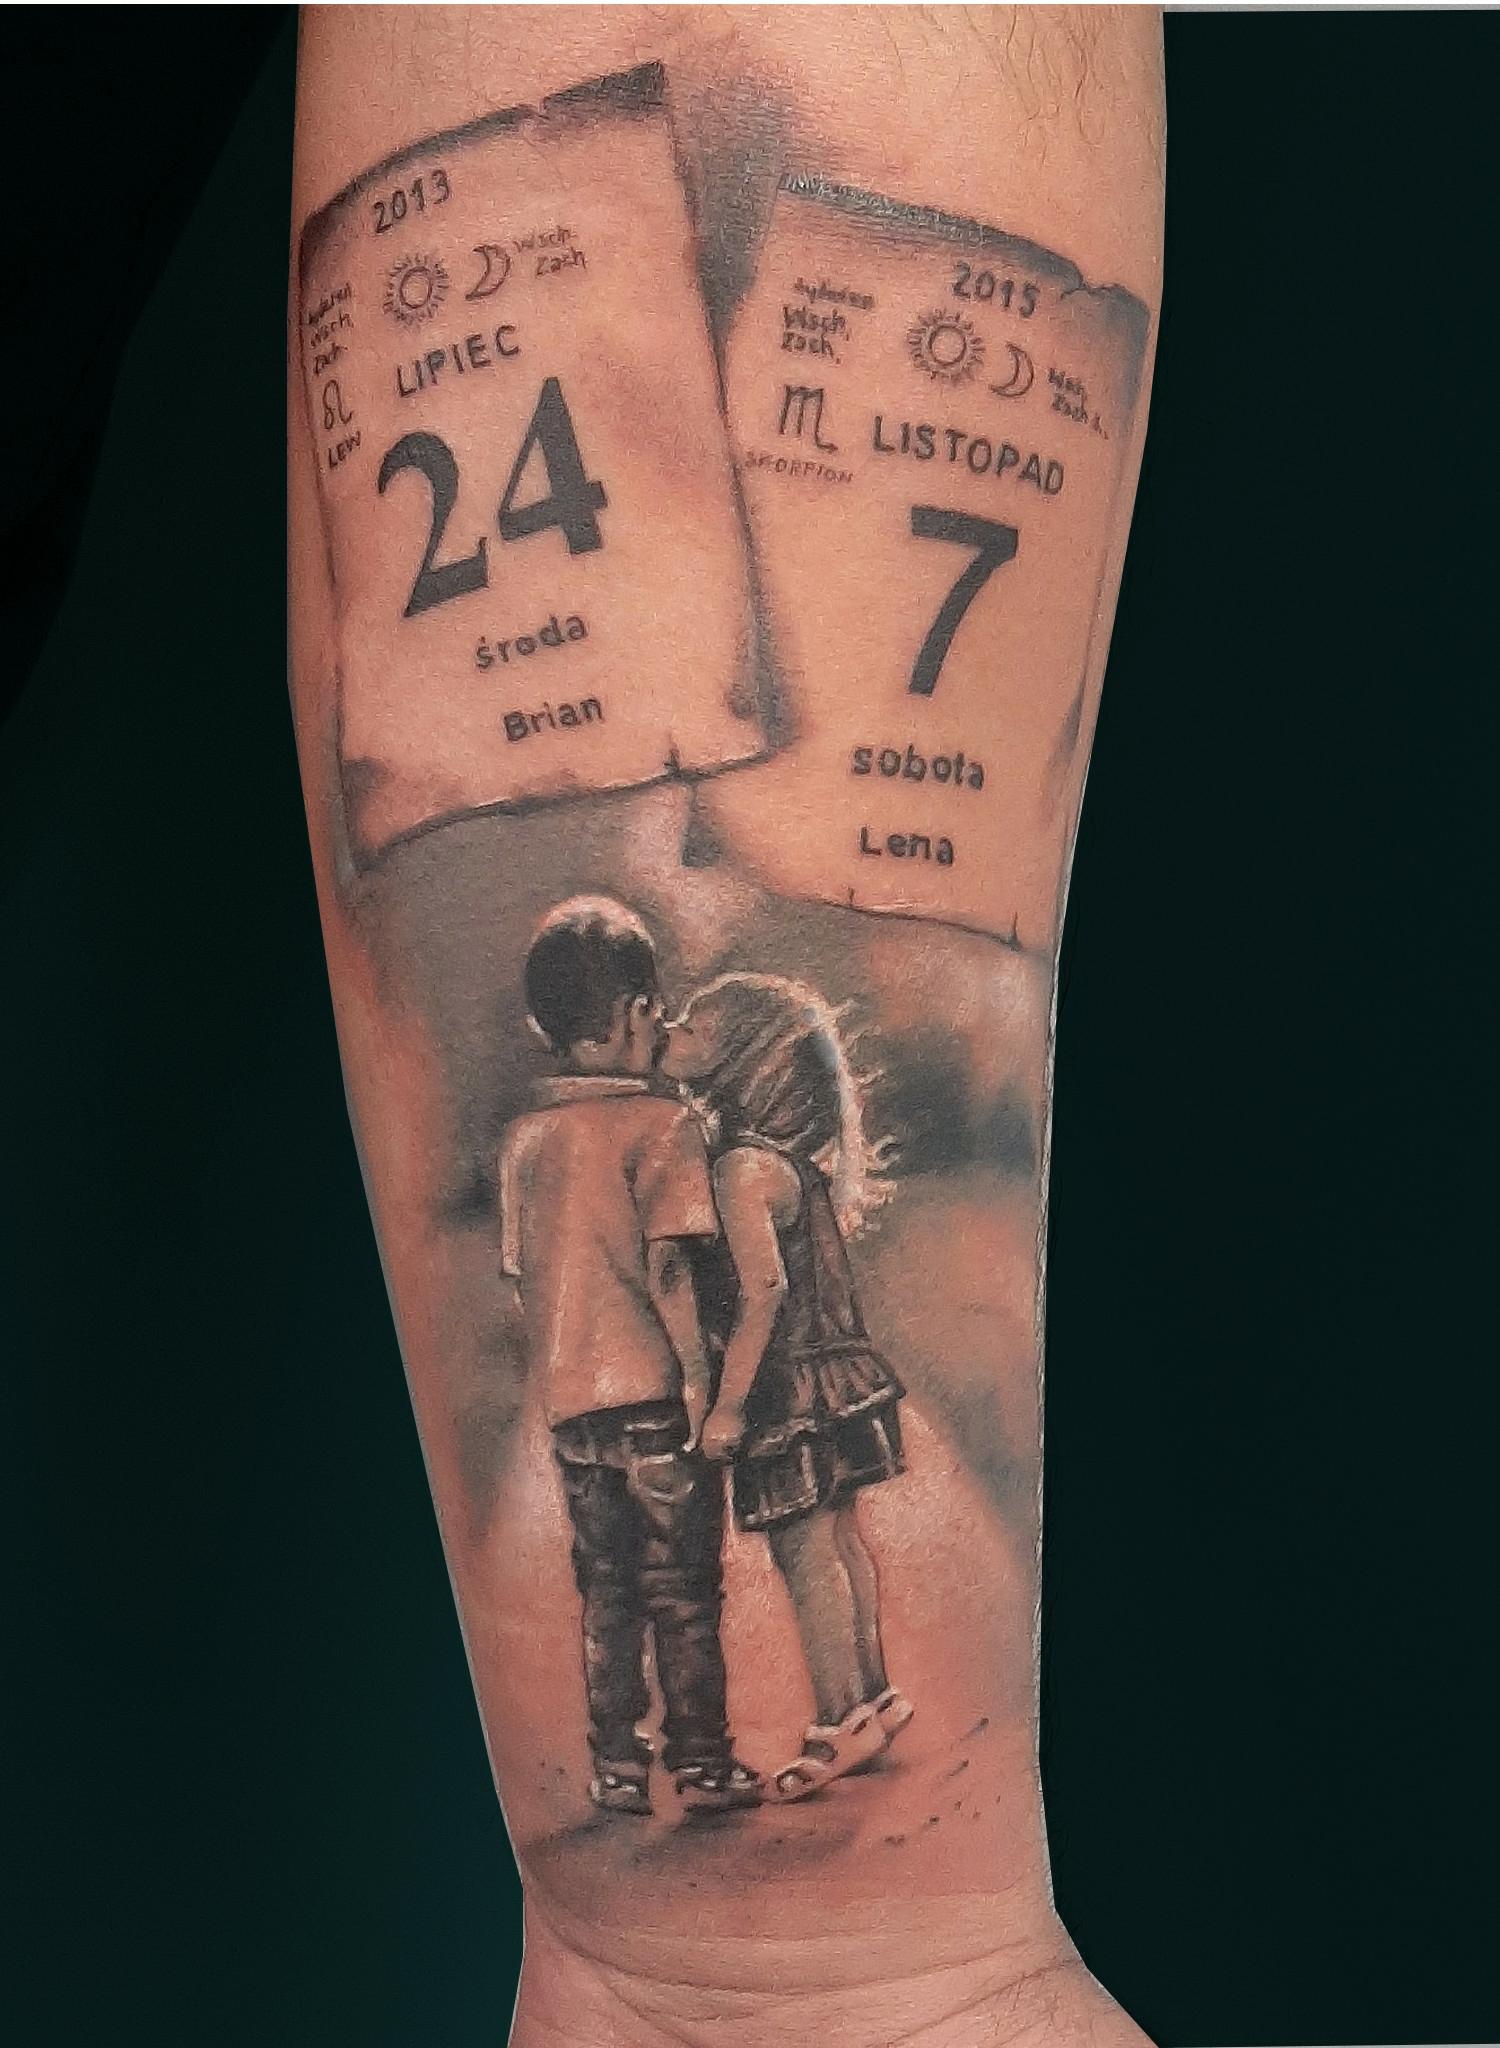 Inksearch tattoo Maja Paszkowicz